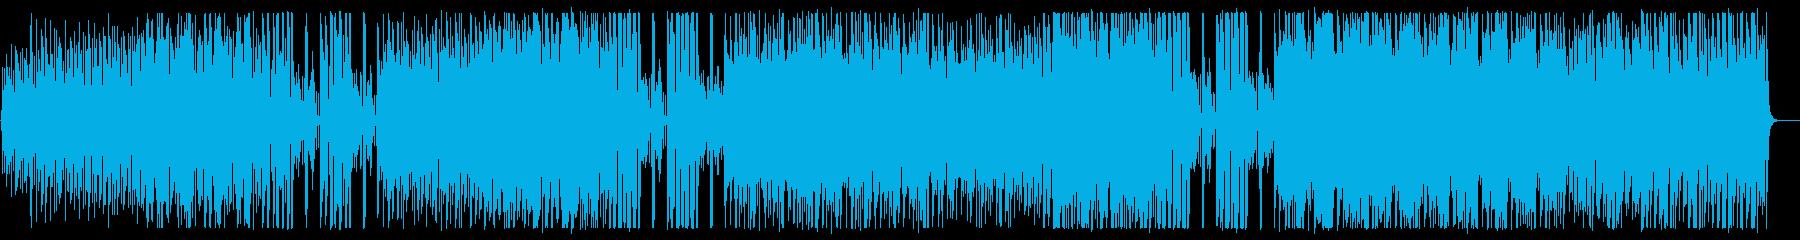 軽快に刻まれる心地よいメロディの再生済みの波形